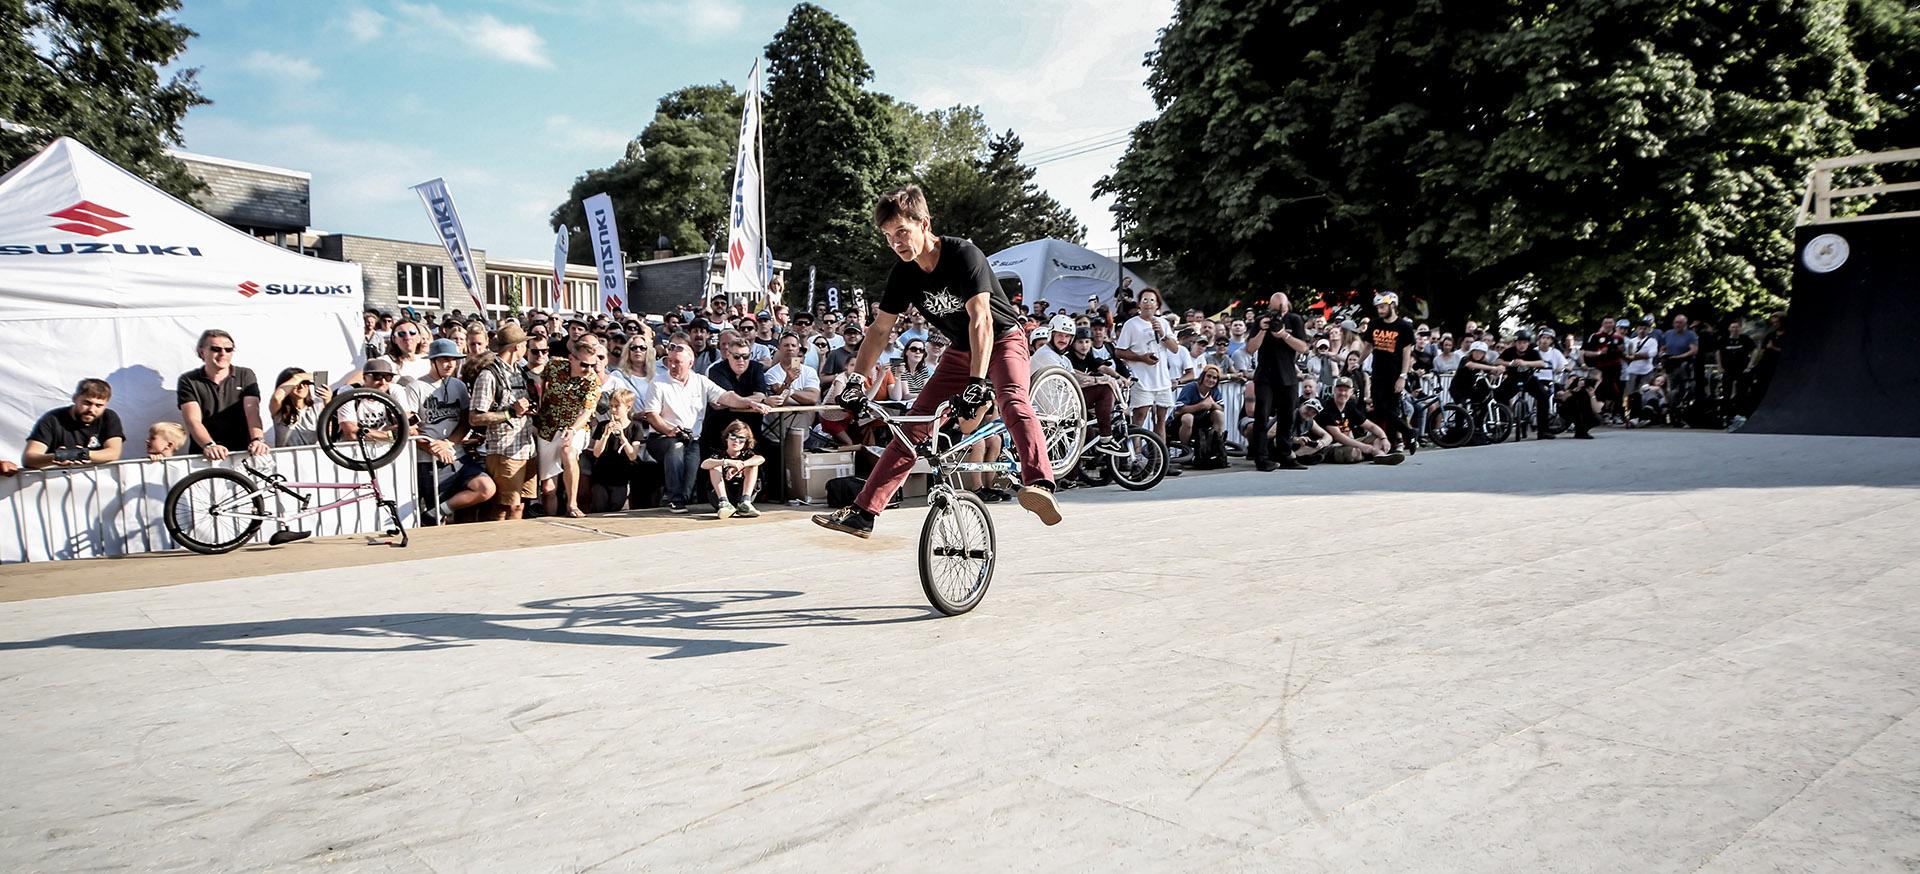 Zum 35-jährigen Jubiläum der Jugendparkcontests ließ es sich das Legendteams von Haro Bikes nicht nehmen, noch einmal eine zwar kurze, aber dafür auch großartige Show zu fahren. Hier haben wir Dave Nourie mit einem Hang Nothing